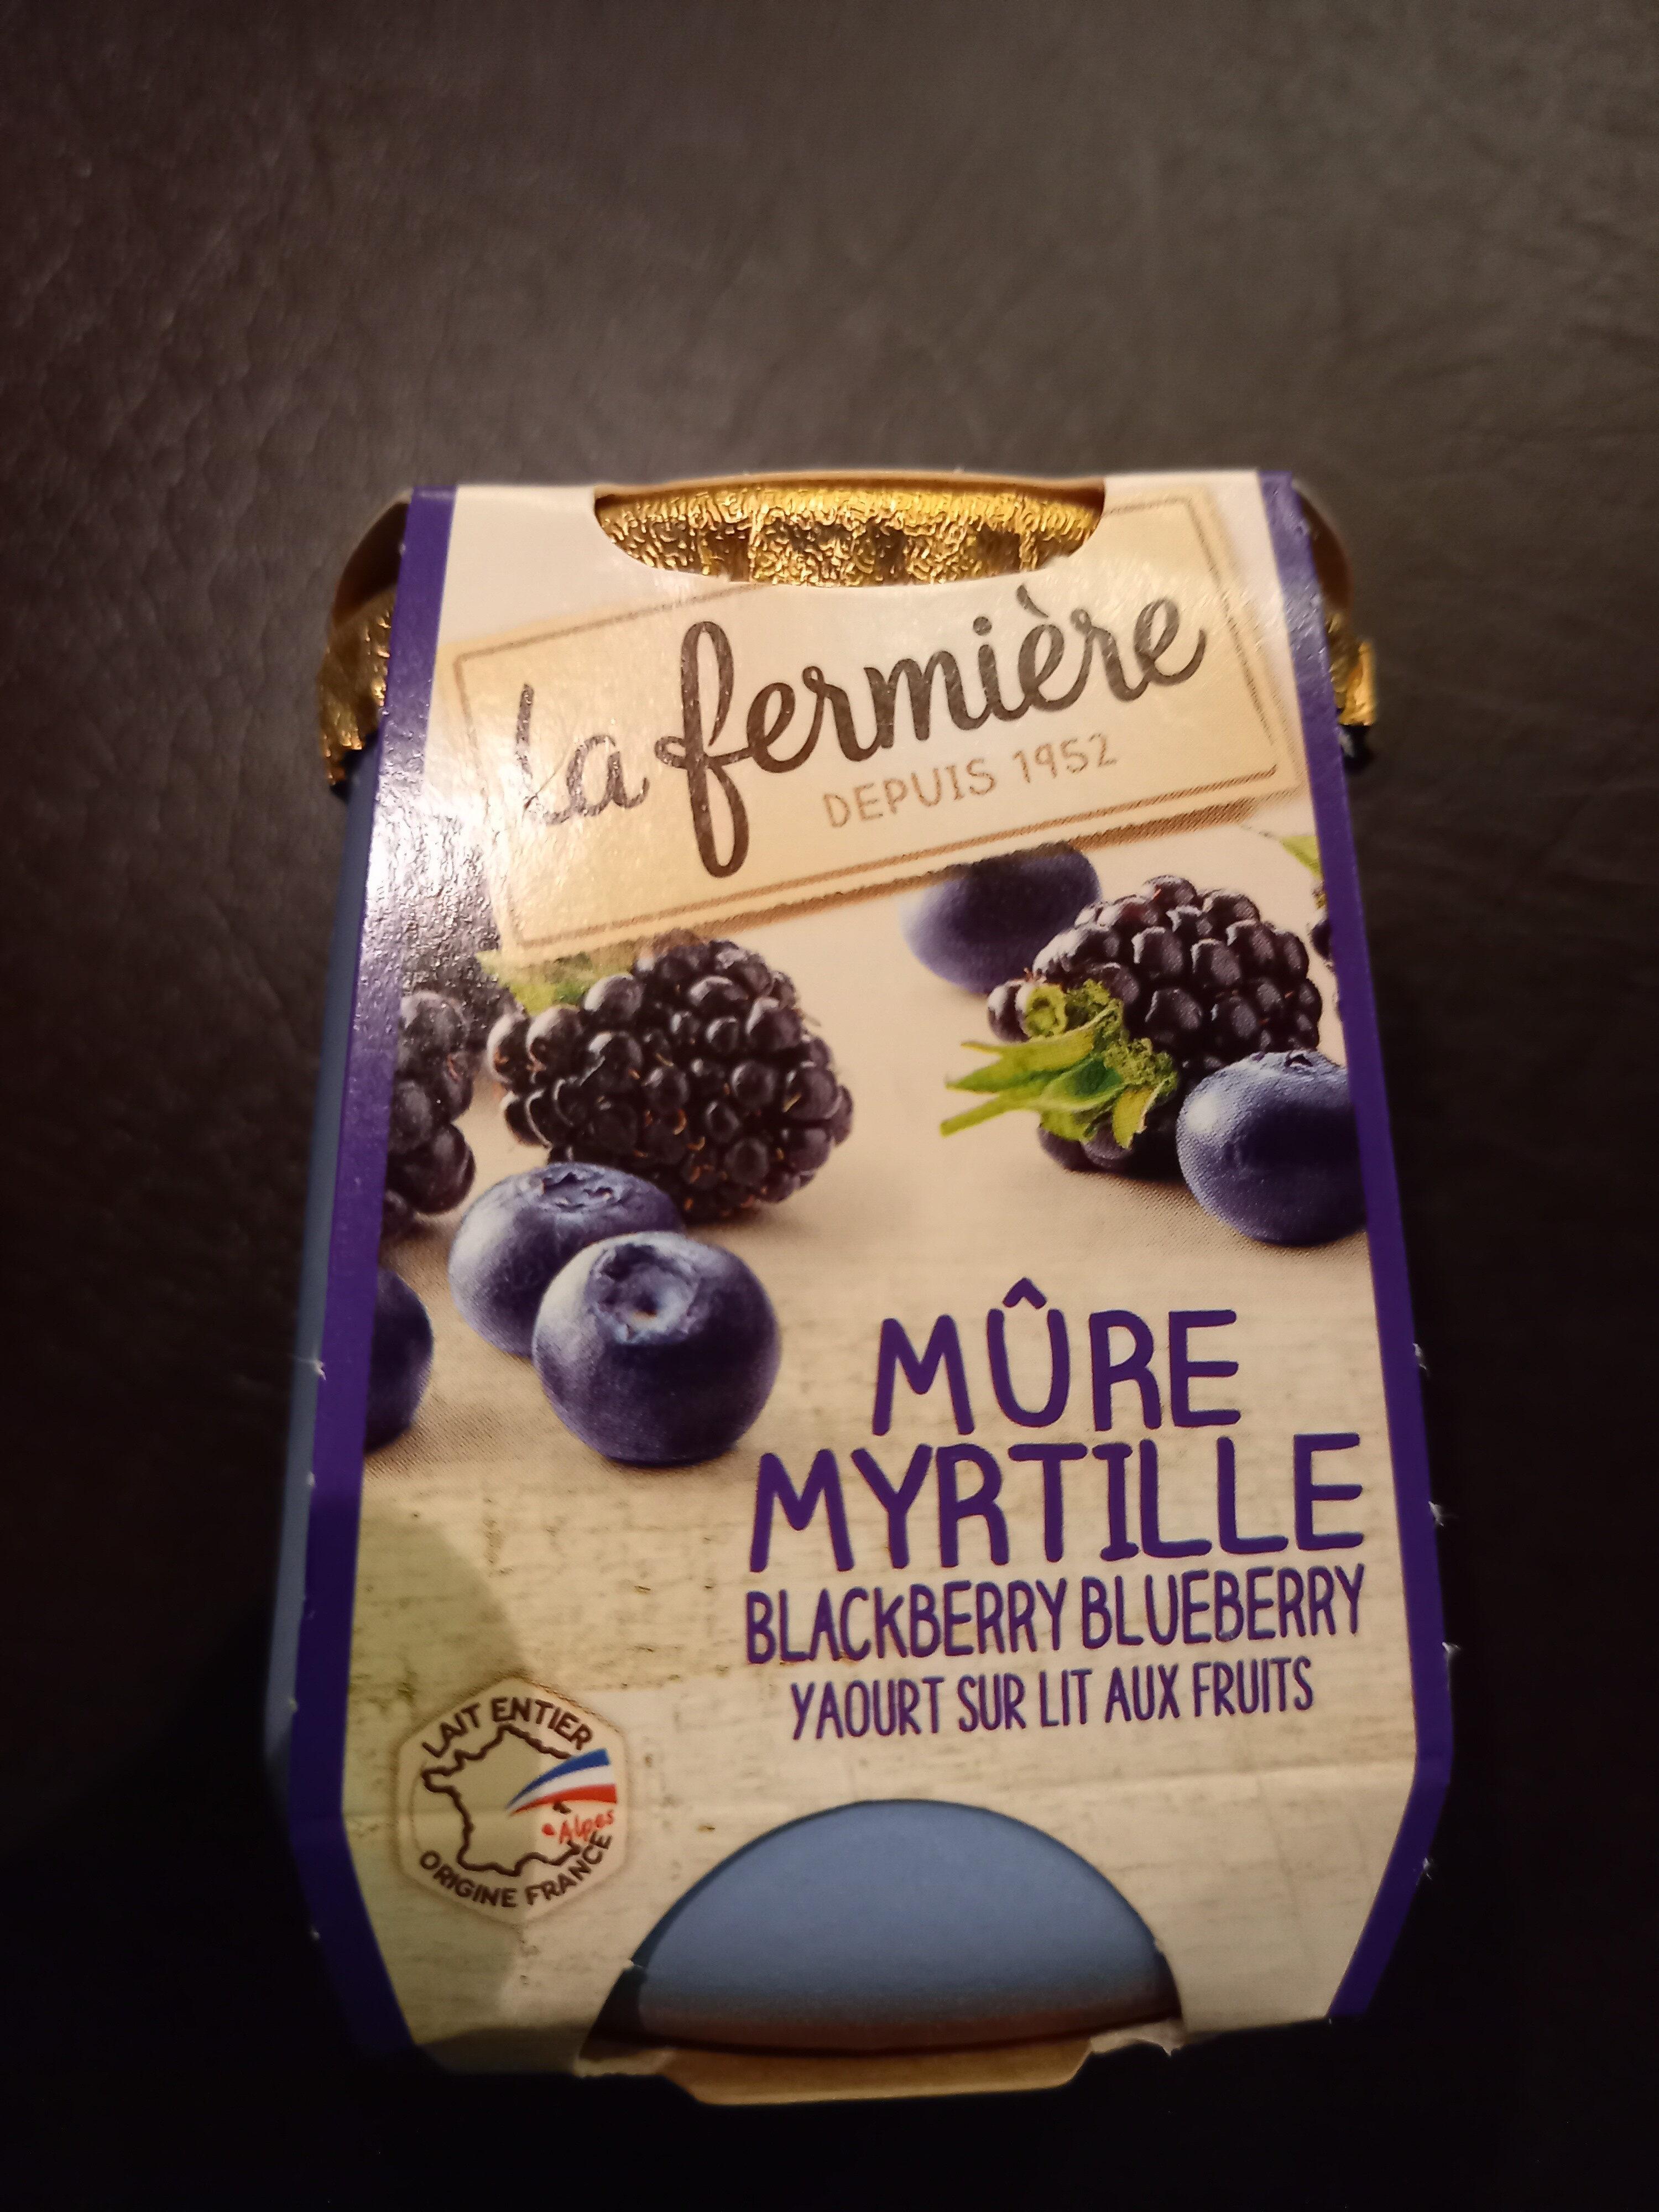 140G Yaoury Bicouche Mure / Myrtille La Fermiere - Product - en